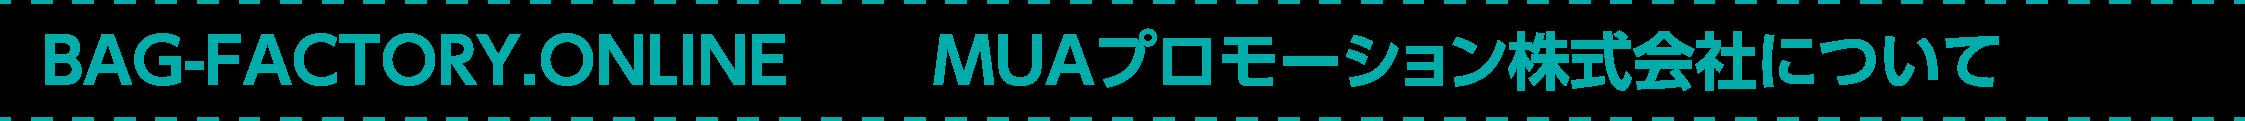 BAG-FACTORY.ONLINE-MUAプロモーション株式会社について